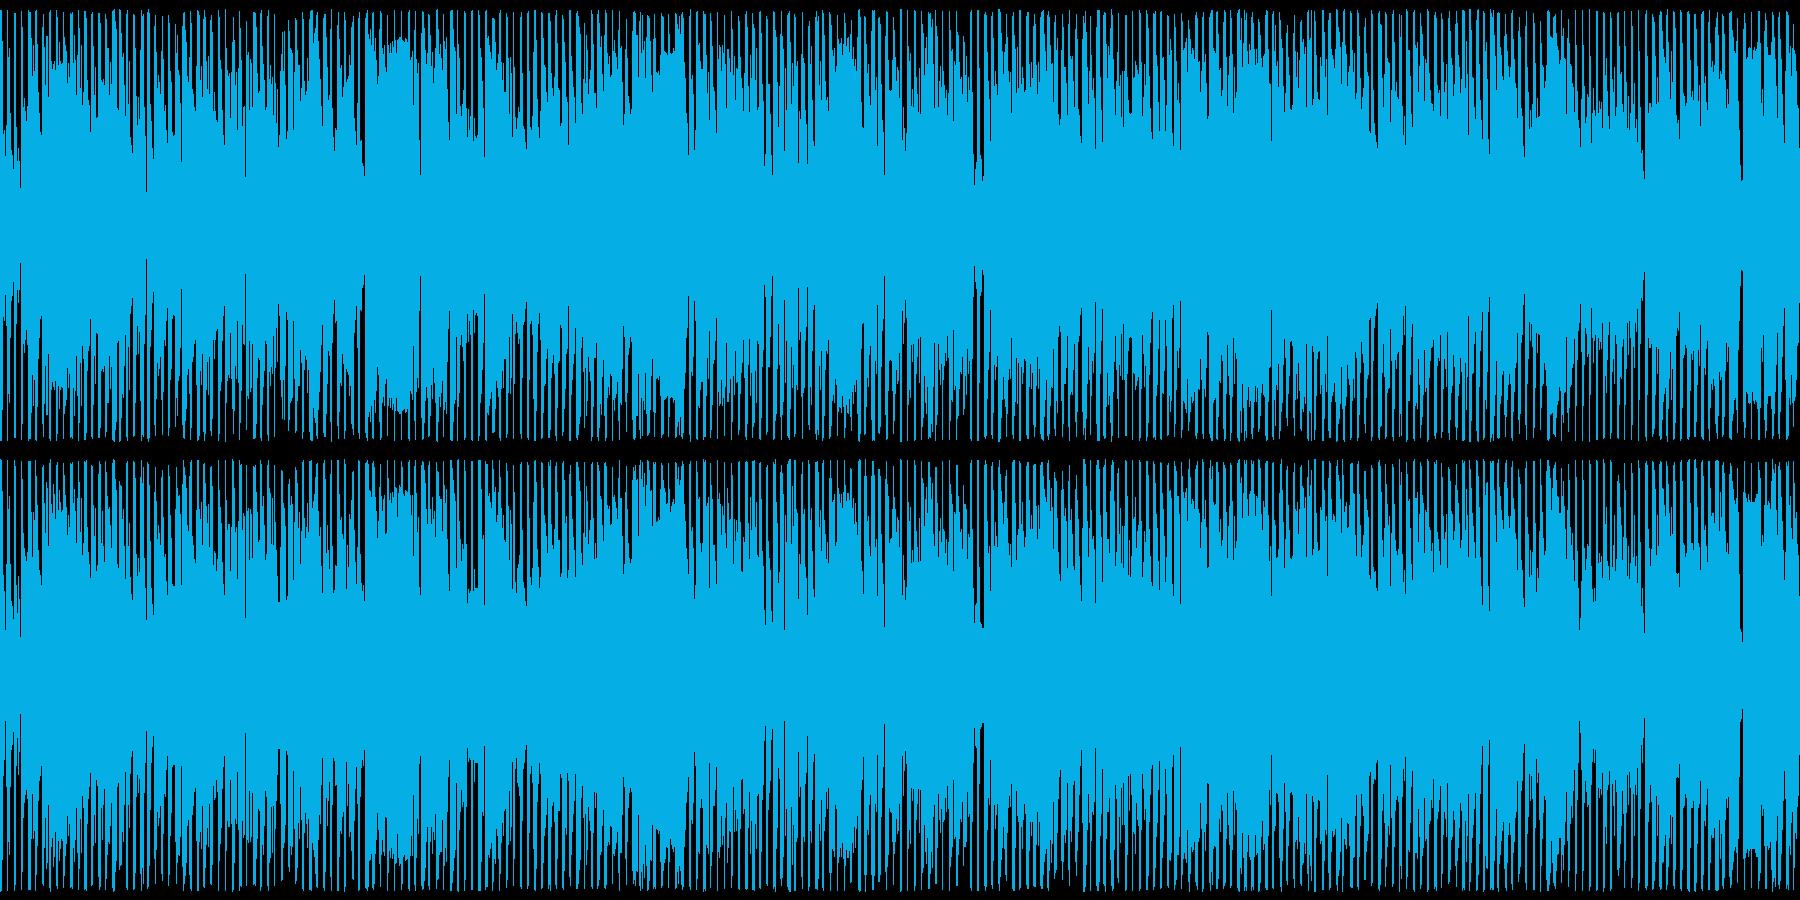 機械的はちゃめちゃビート・テクノループの再生済みの波形